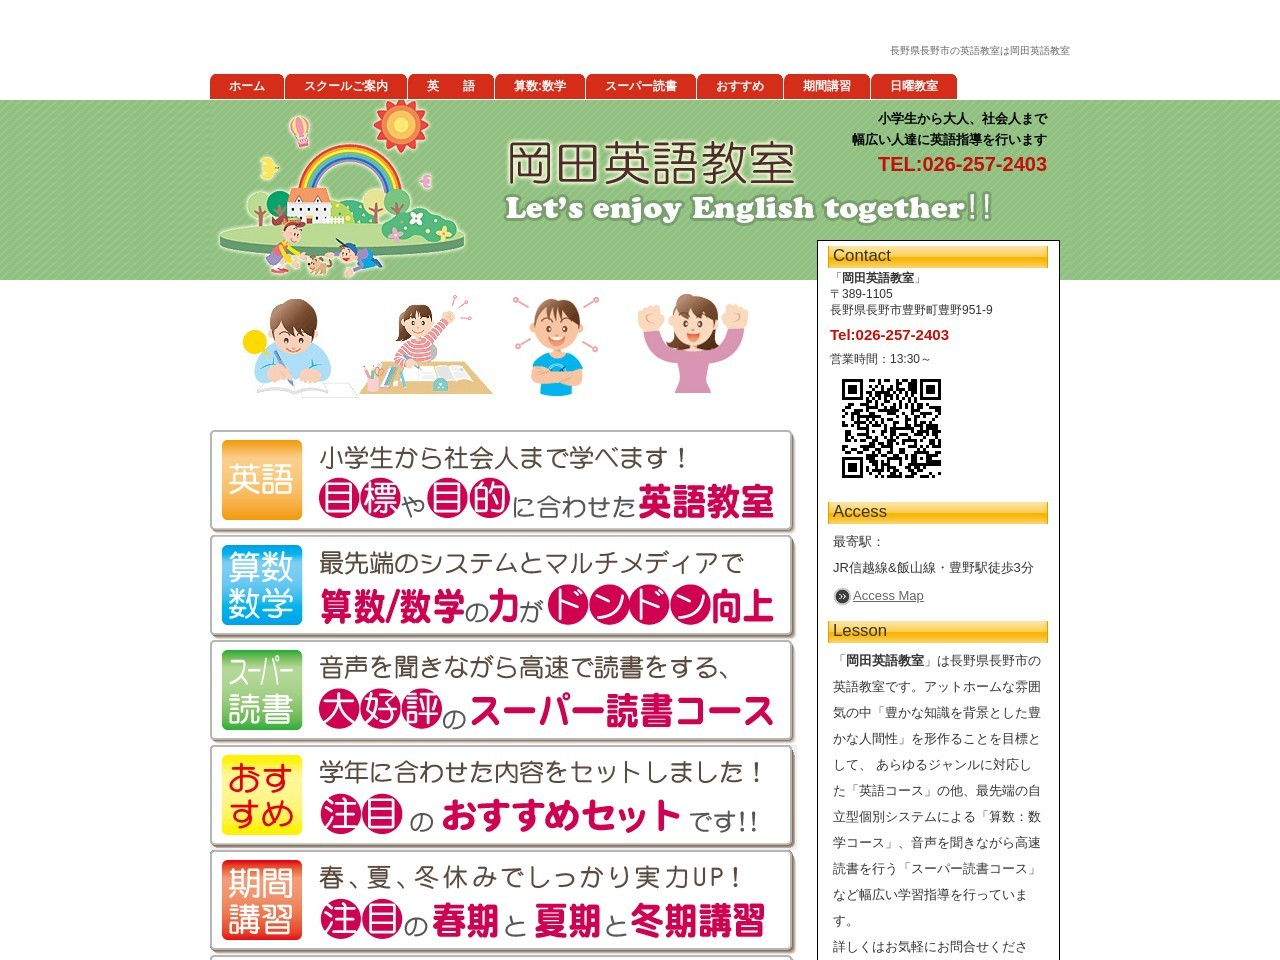 岡田英語教室